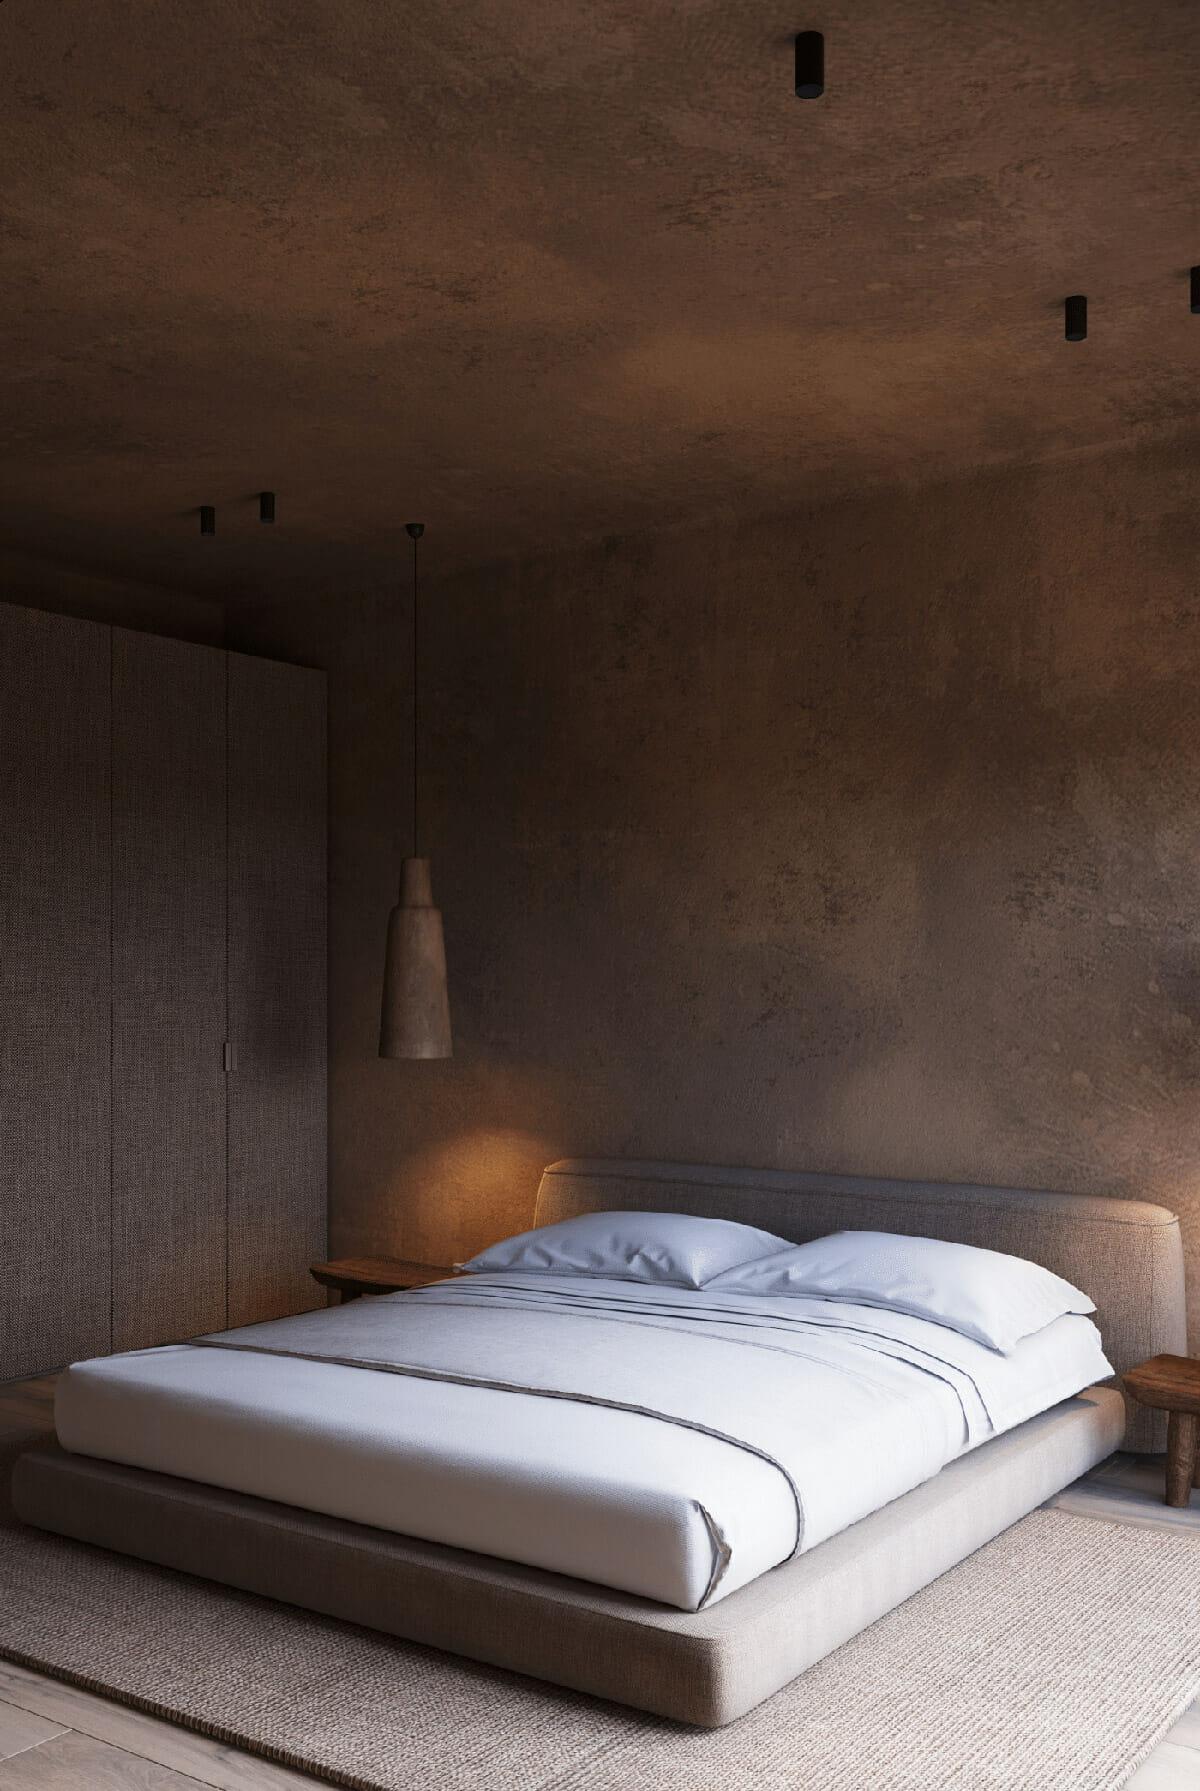 hình ảnh phòng ngủ phong cách Wabi-Sabi